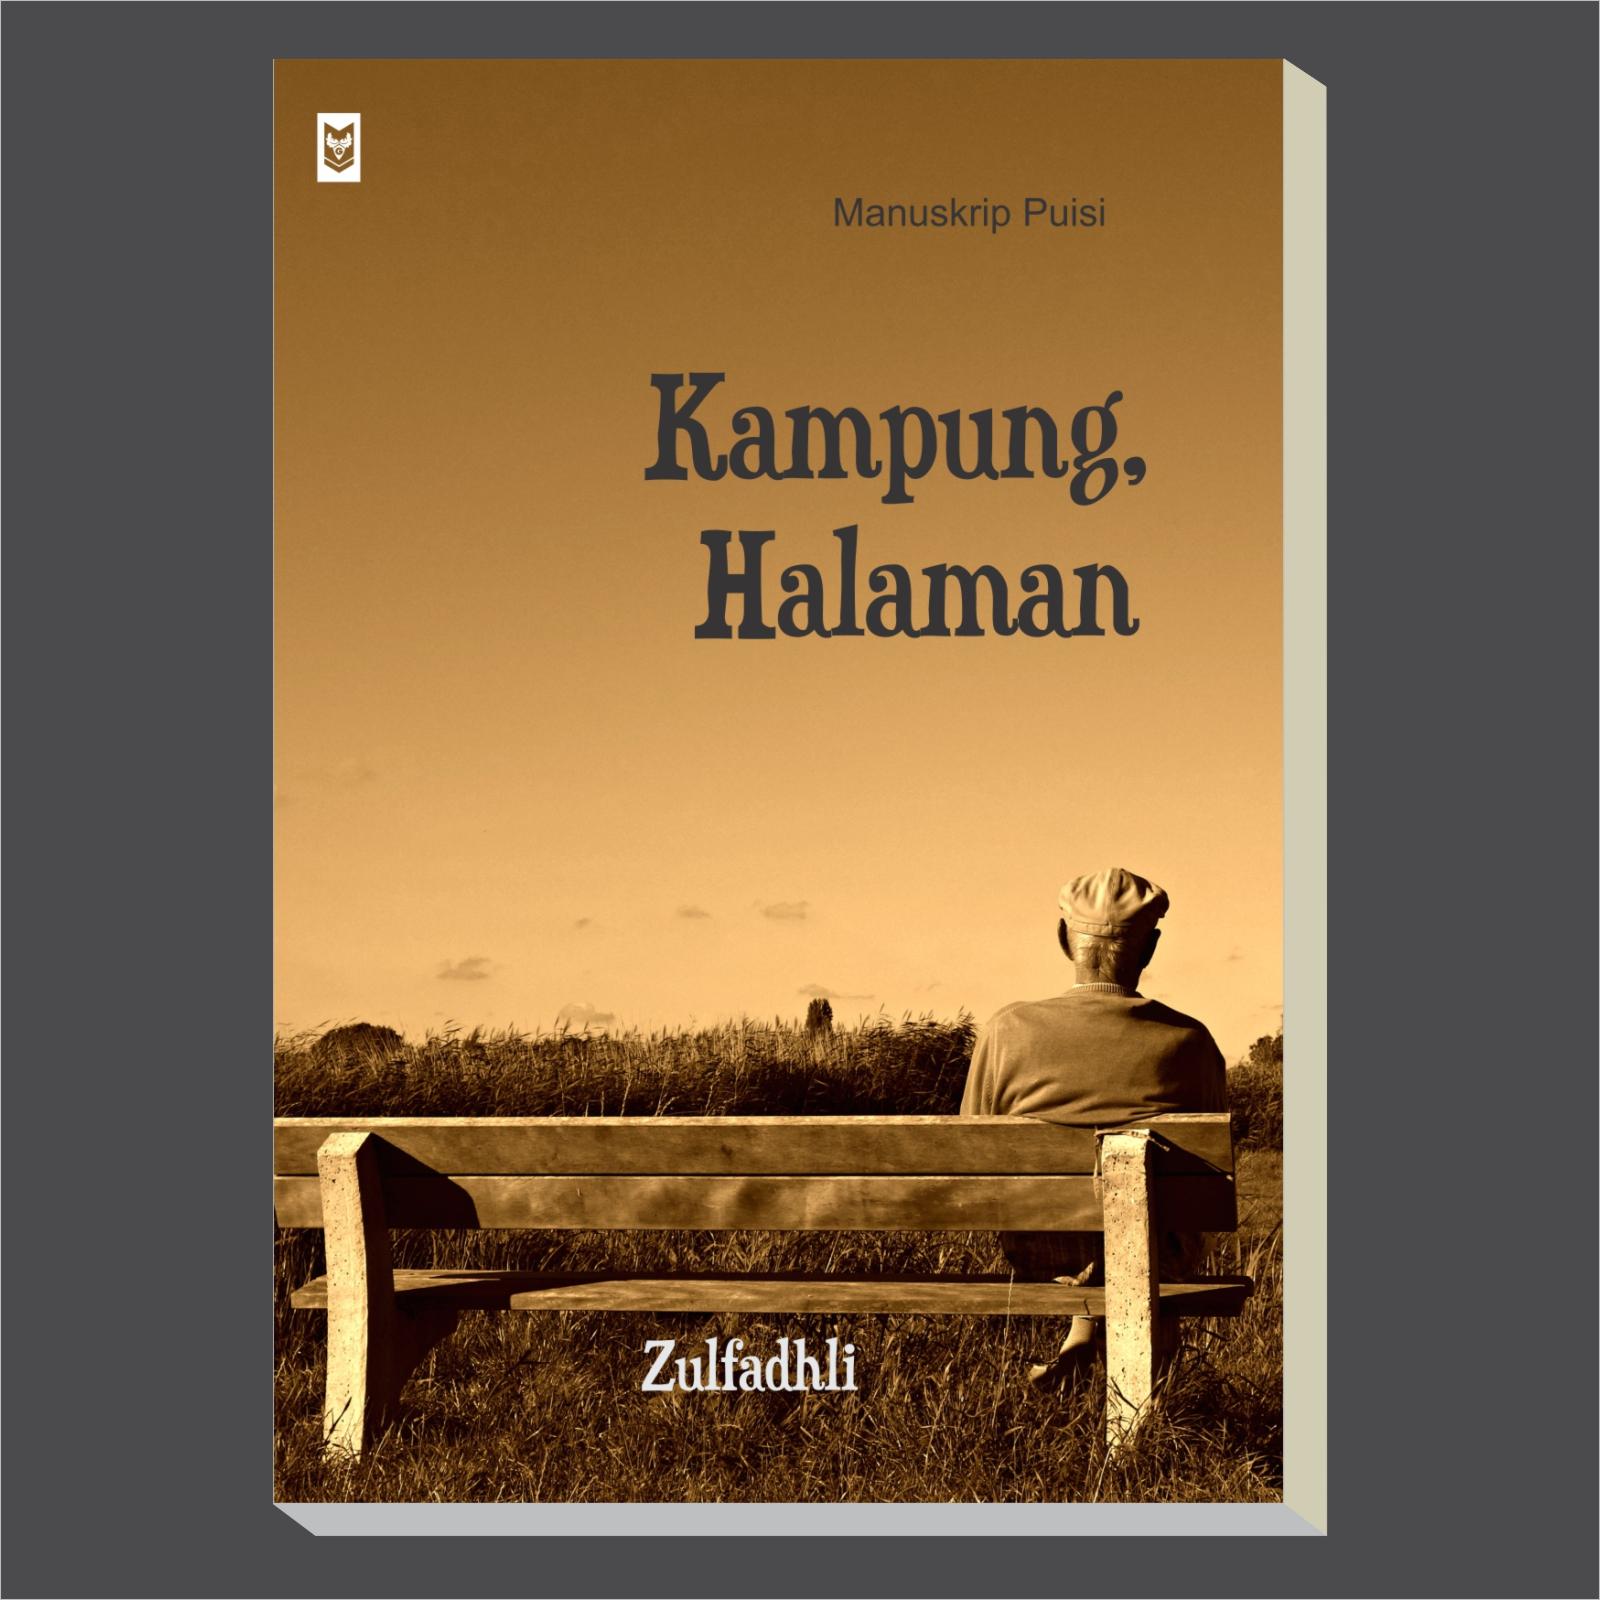 Kampung Halaman : manuskrip puisi - Blanja.com